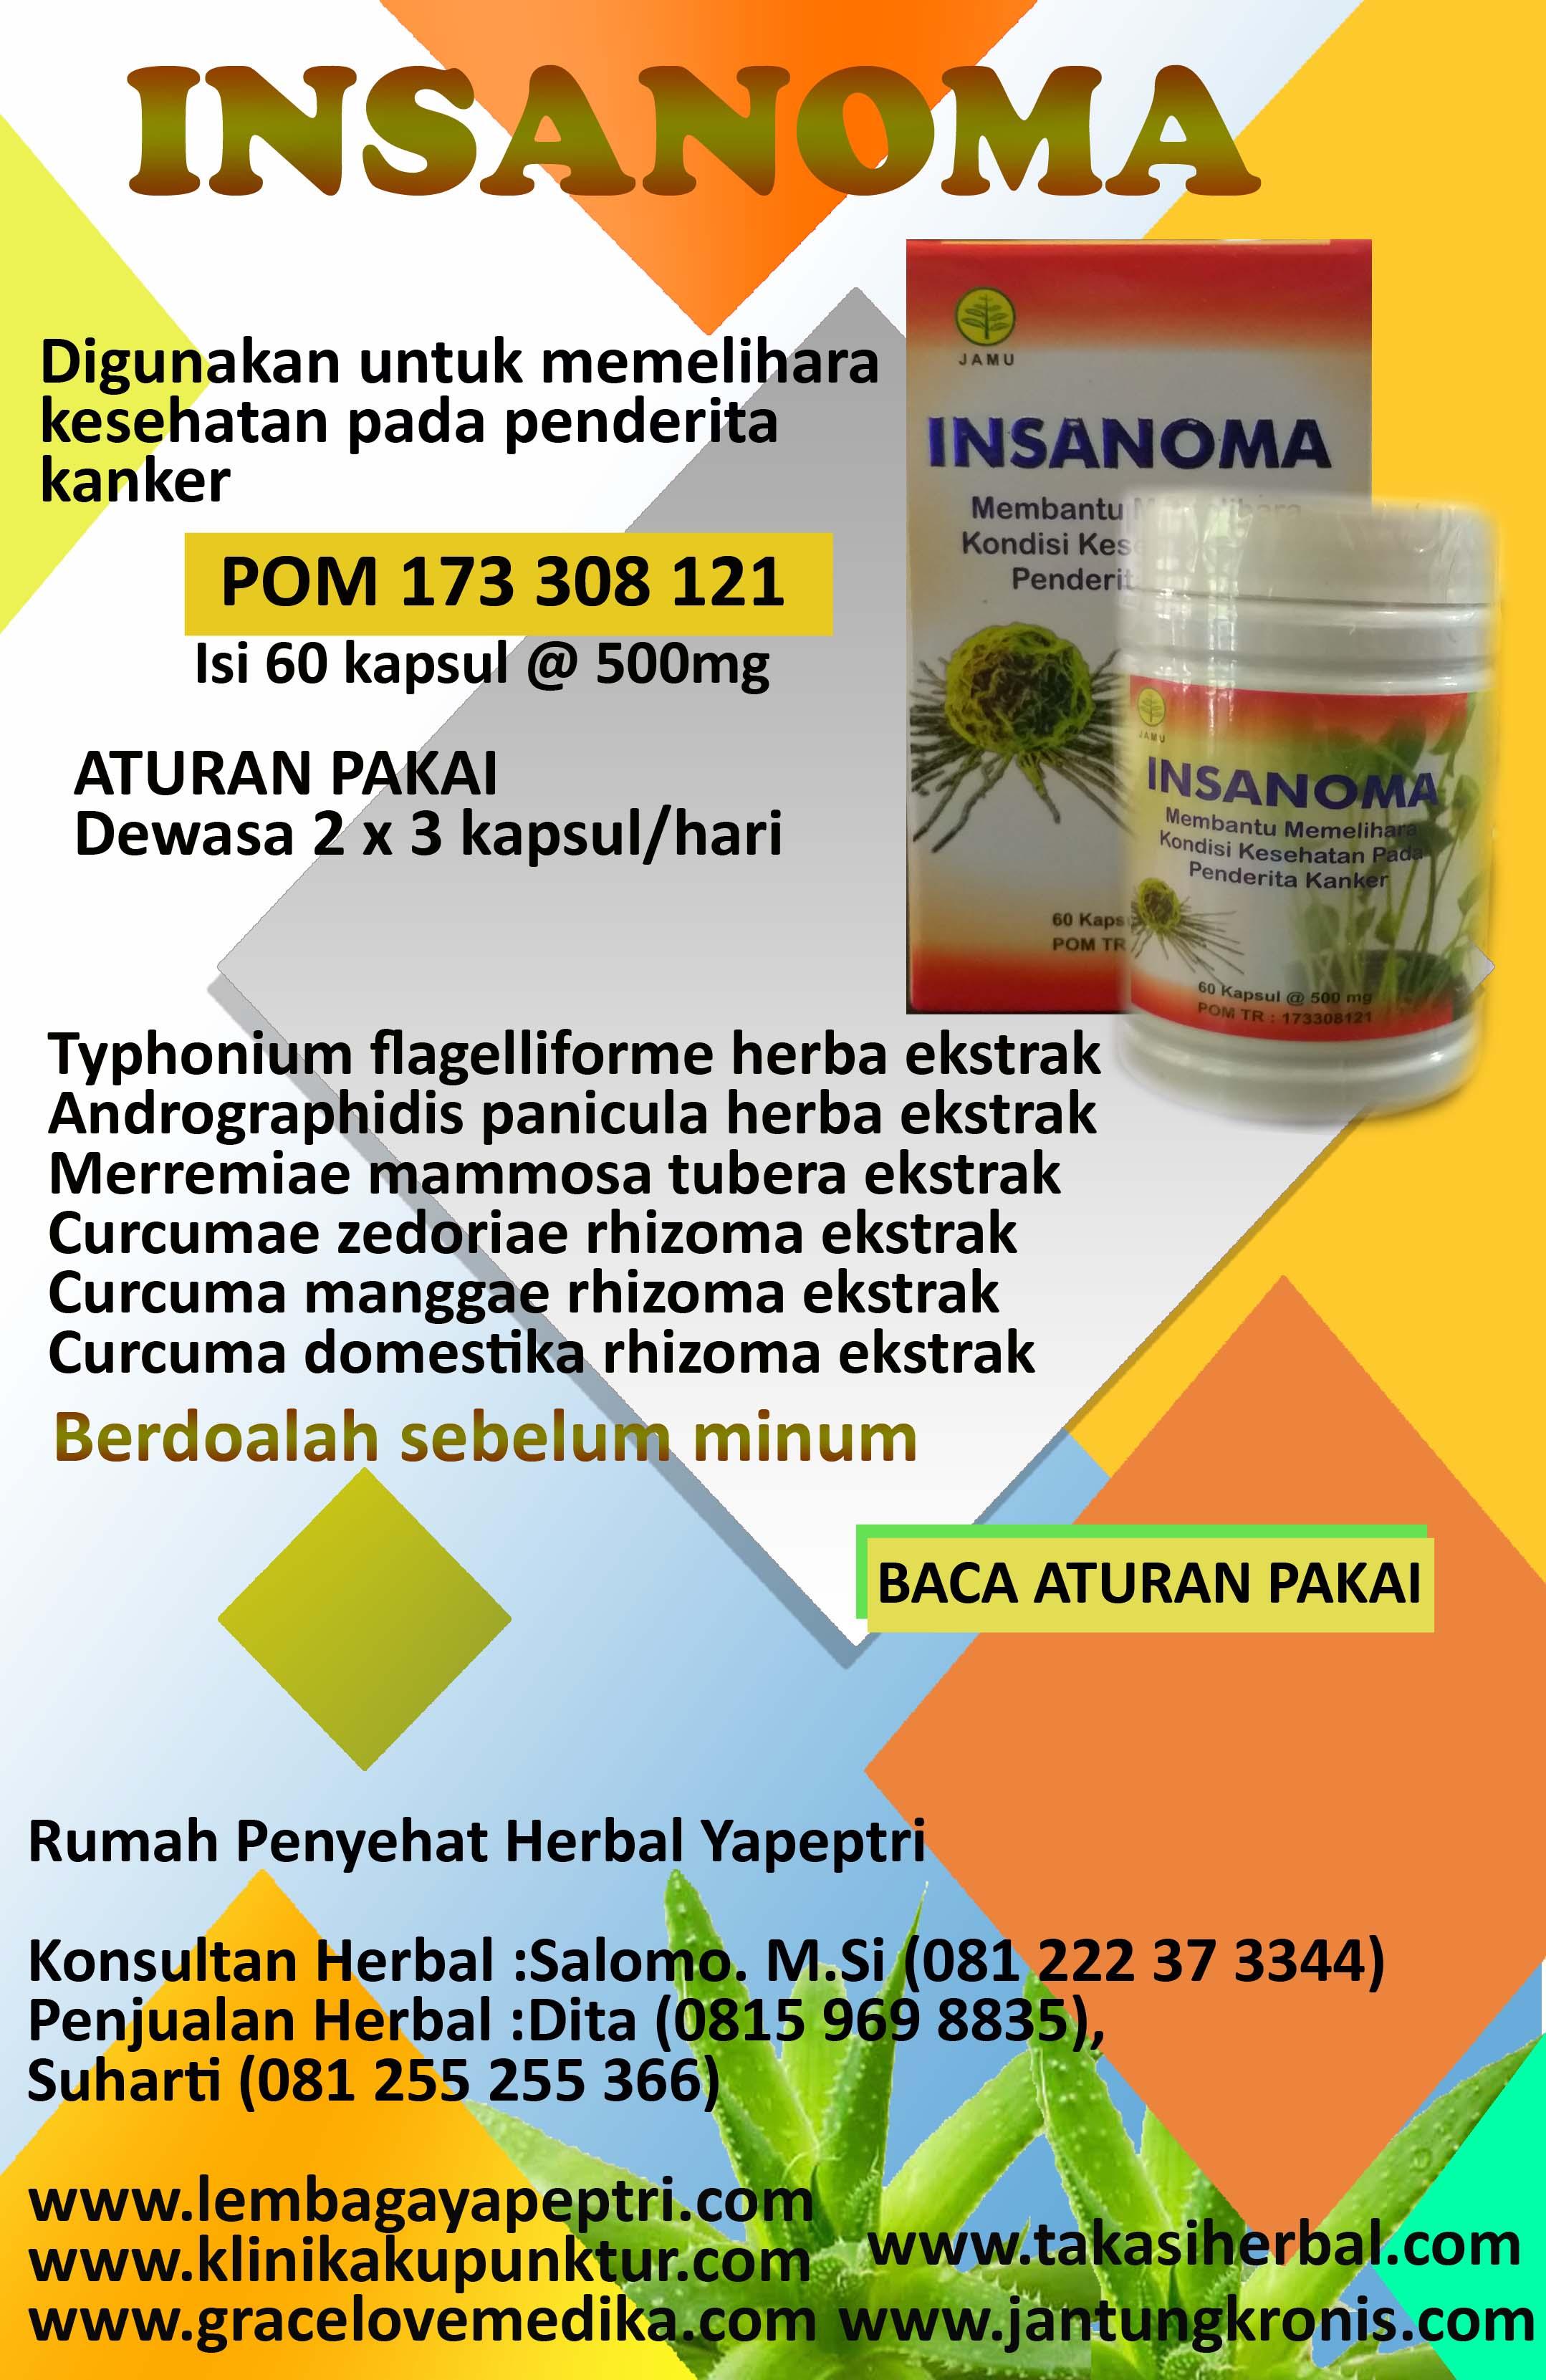 HERBAL INSANOMA Digunakan untuk memelihara kesehatan pada penderita kanker